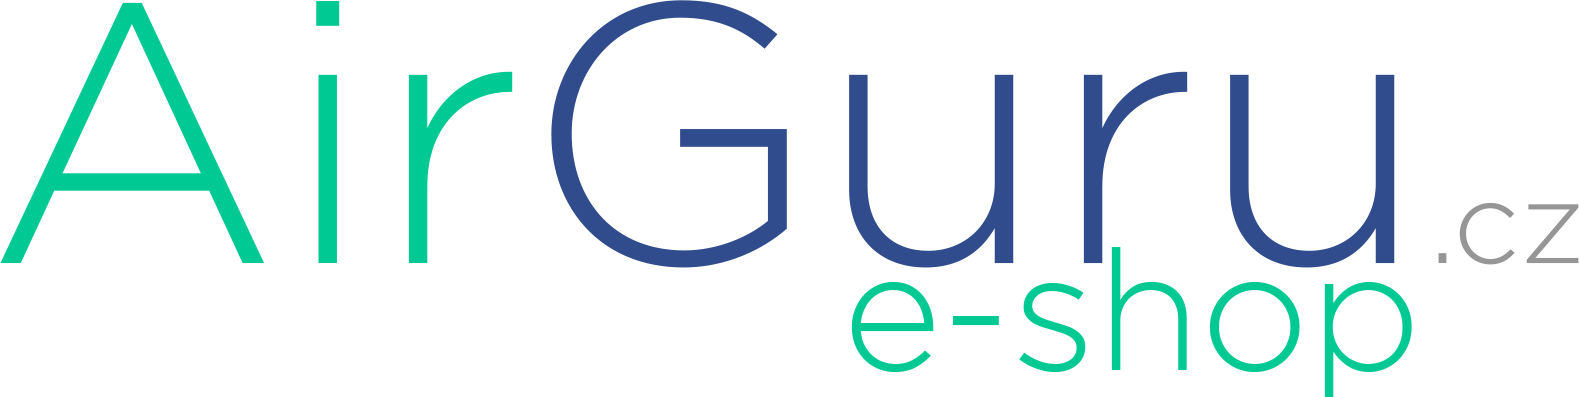 AirGuru.cz | e-shop